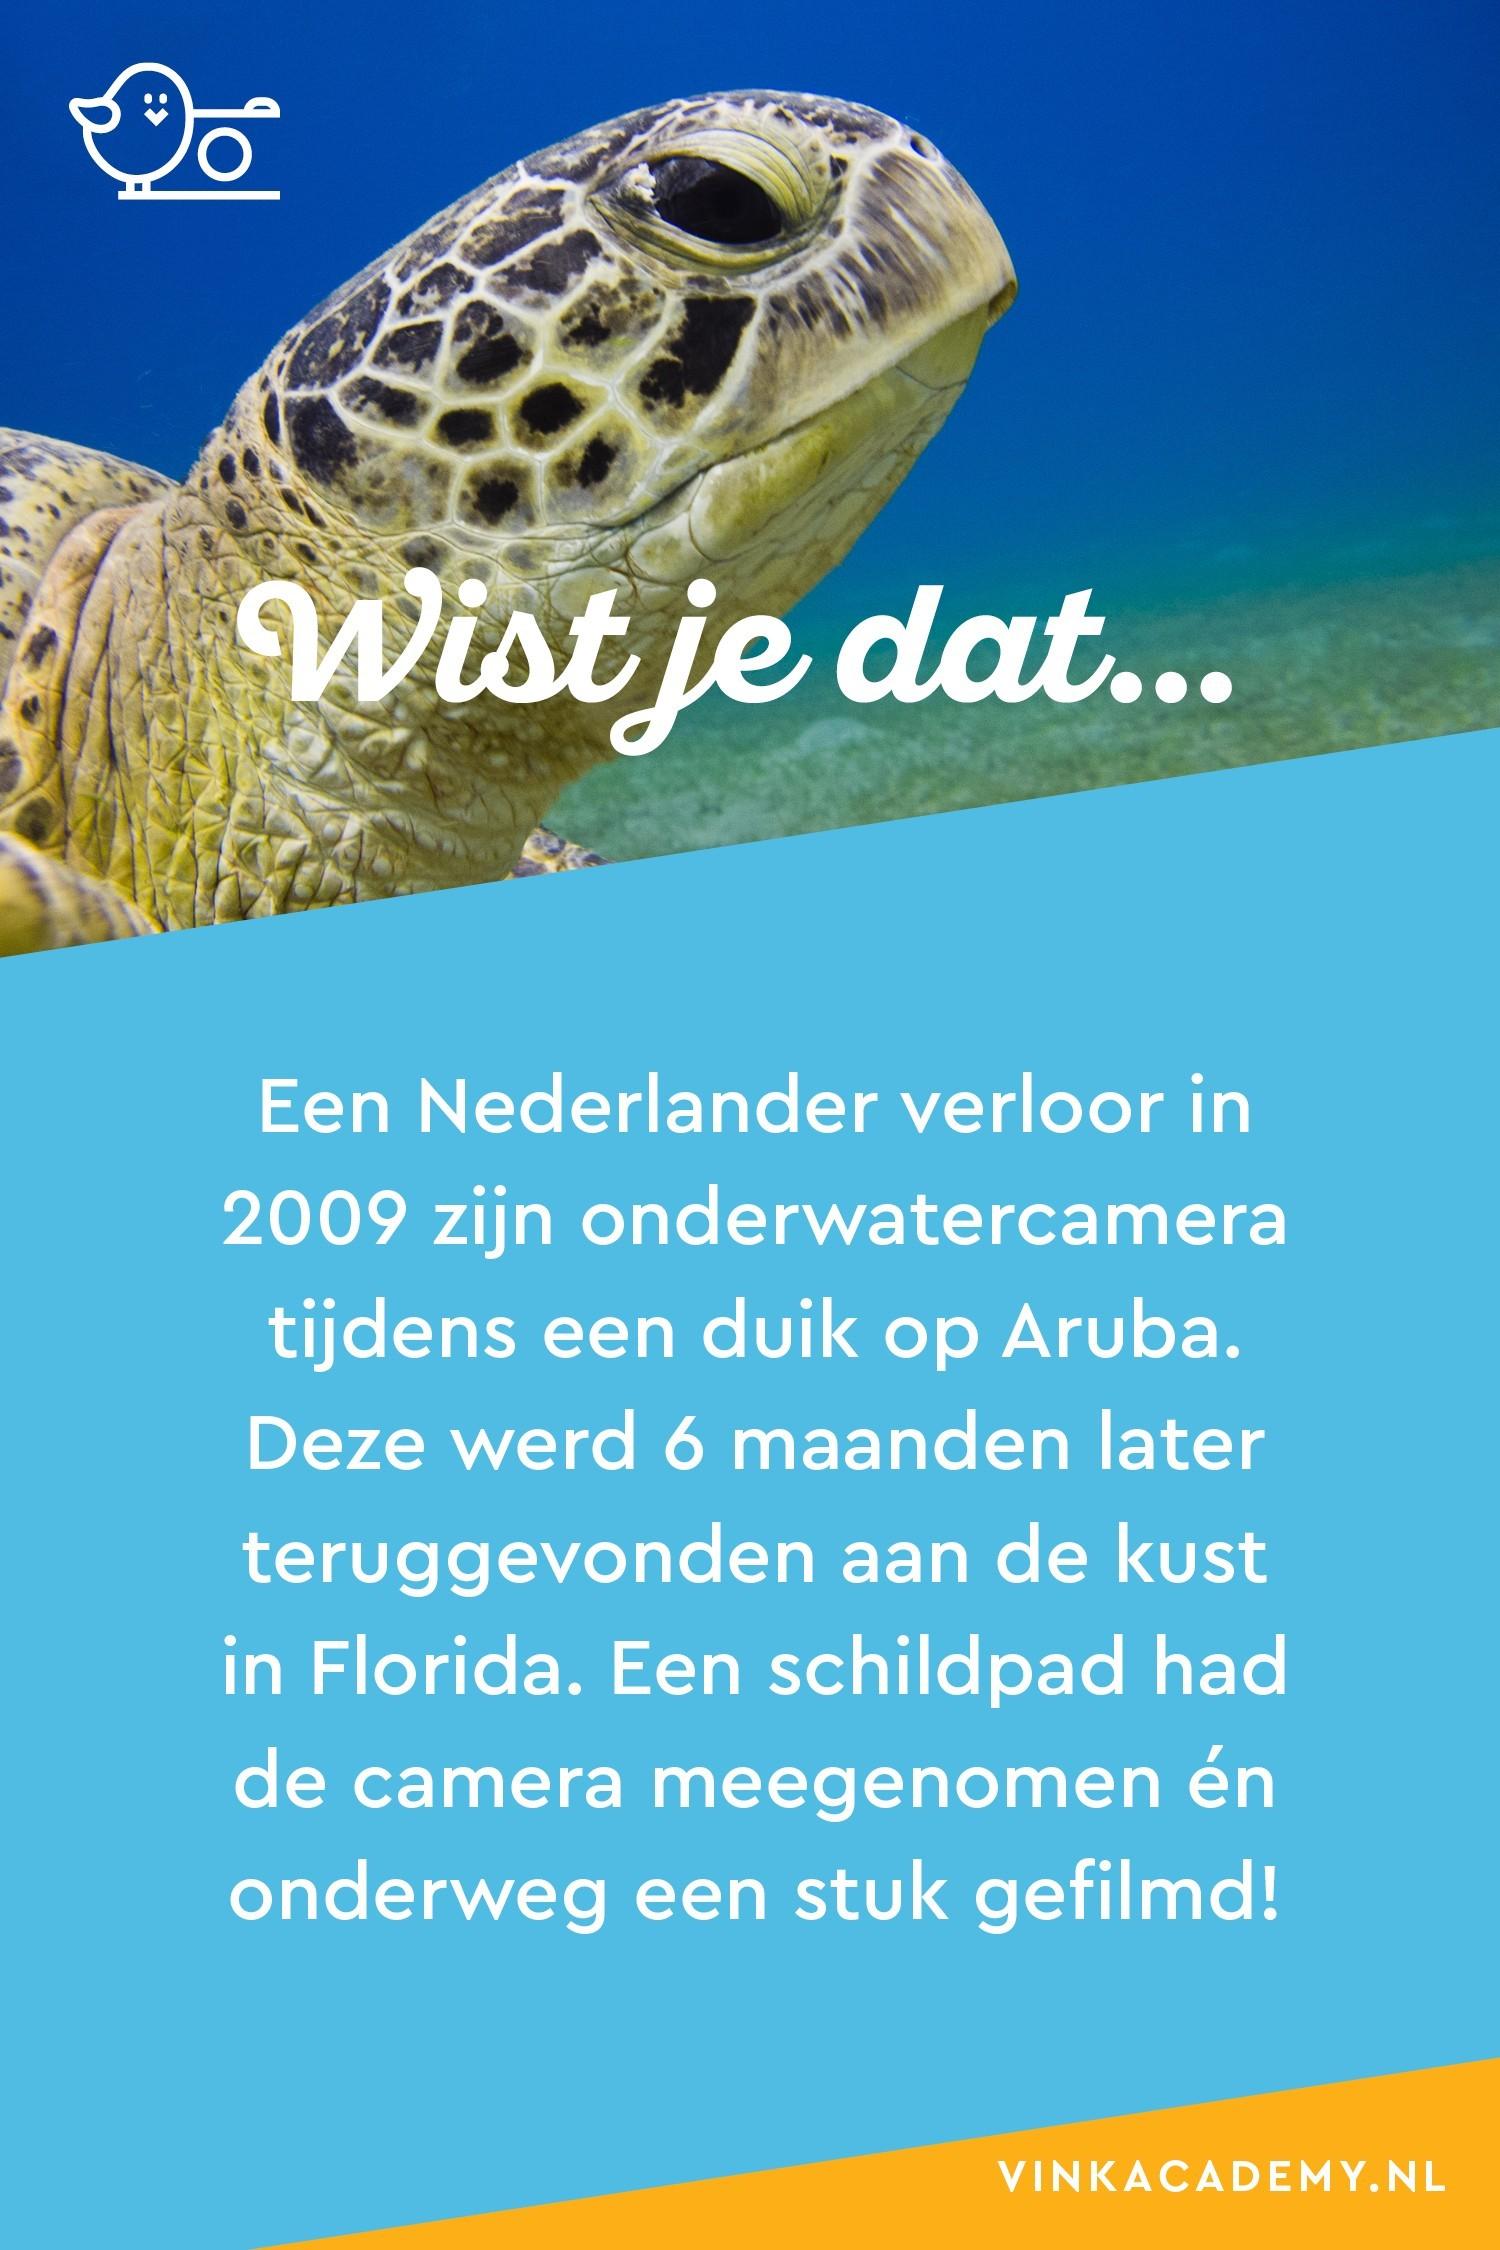 Een Nederlander verloor zijn onderwatercamera bij Aruba, maar die werd 6 maanden later teruggevonden voor de kust van Florida. Een schildpad had de camera meegenomen en onderweg een stukje gefilmd.